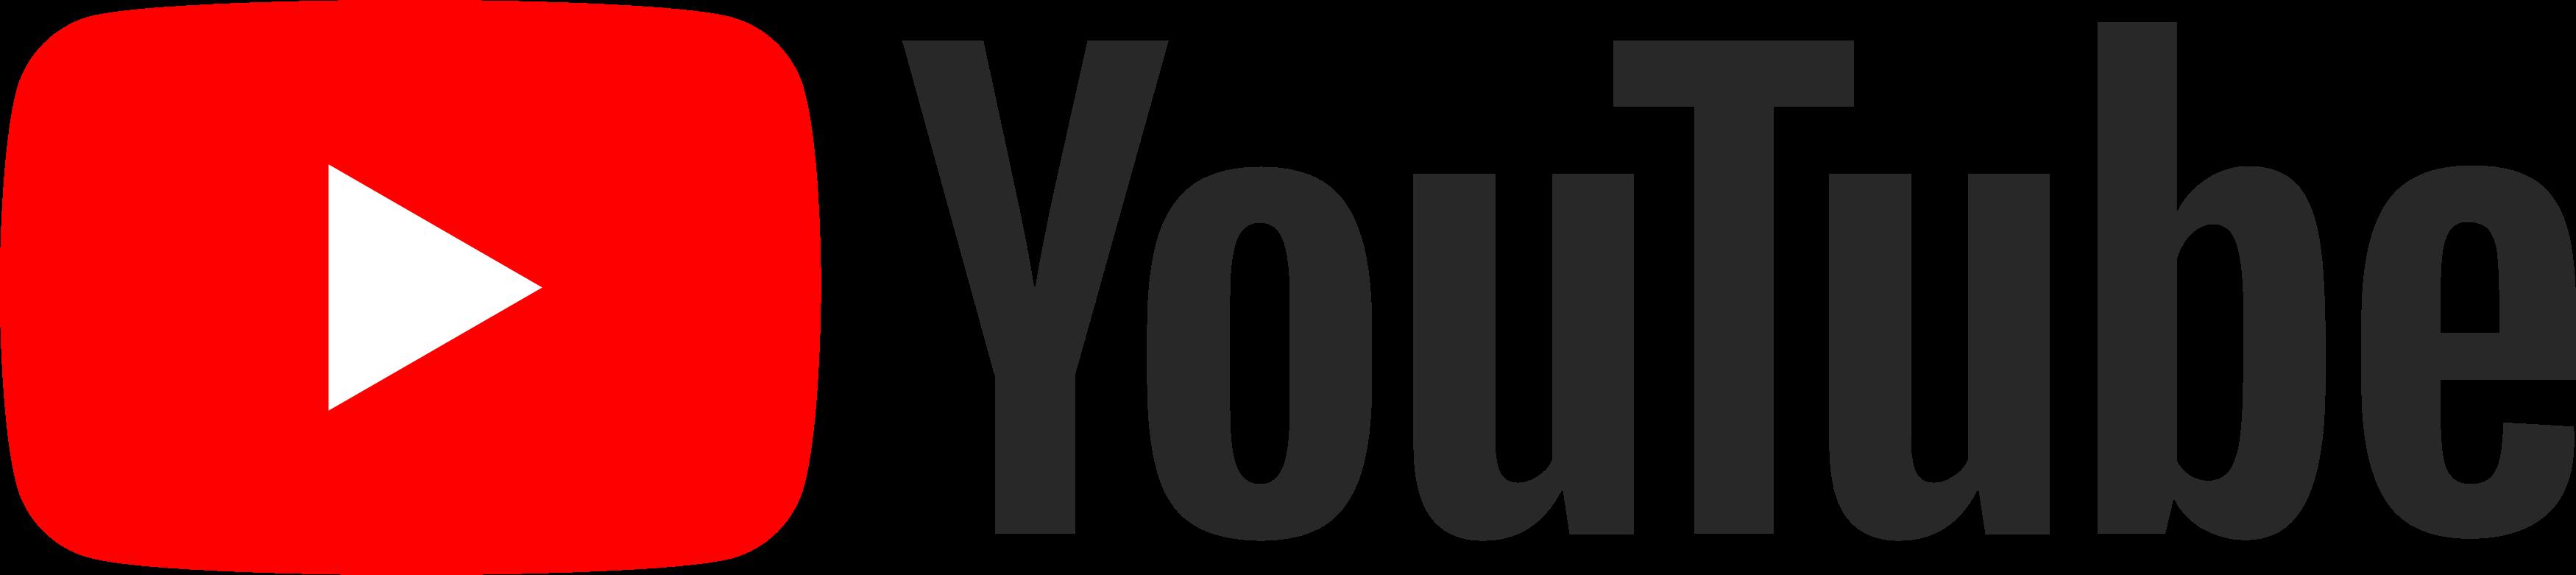 youtube logo 8 - Youtube Logo